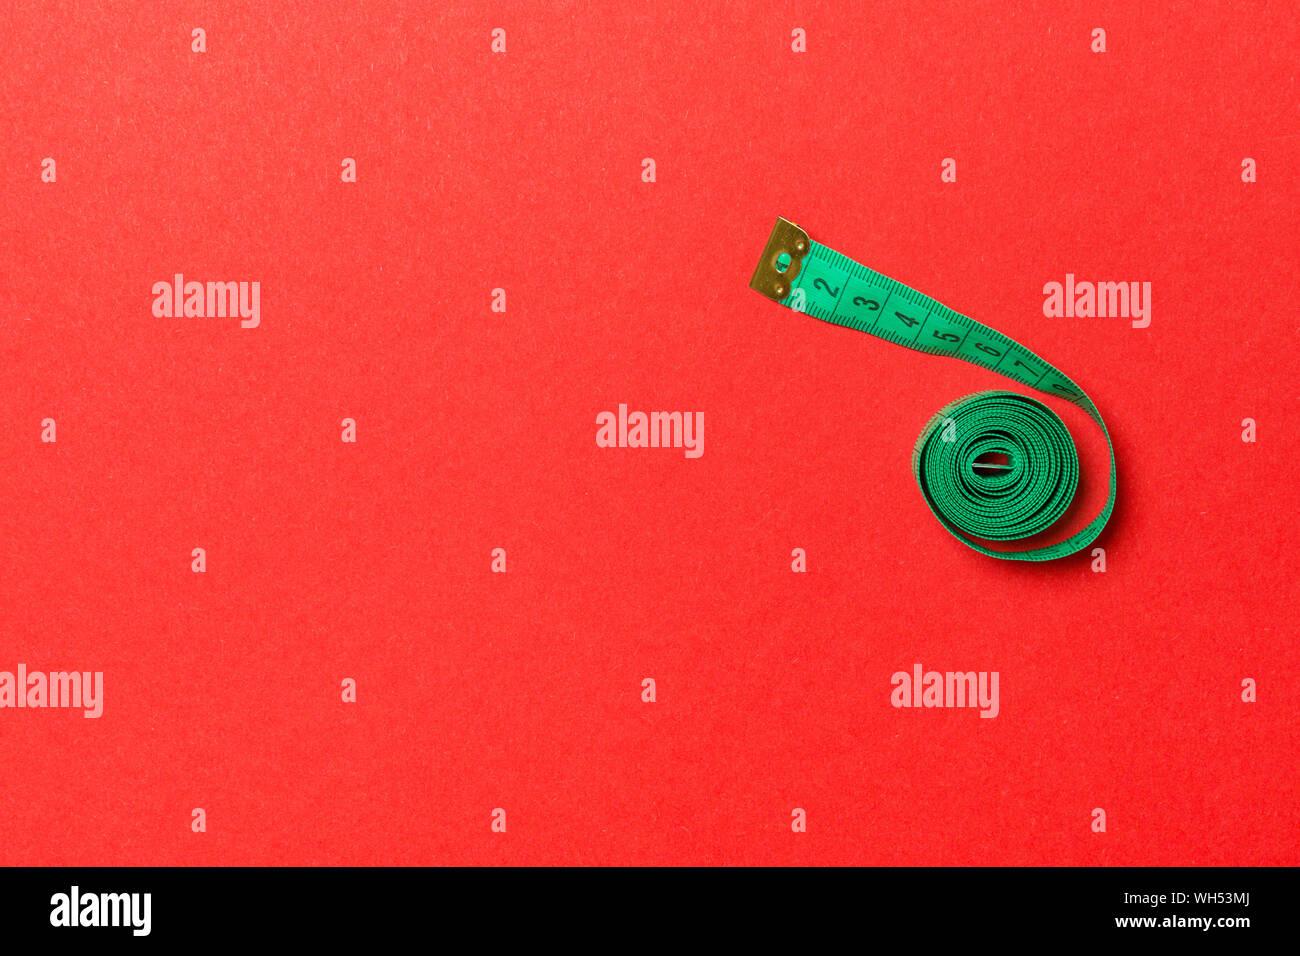 Vista superior de la cinta de medir, doblada en una espiral con espacio de copia. Concepto de accesorios de costura o dieta saludable sobre fondo rojo. Foto de stock